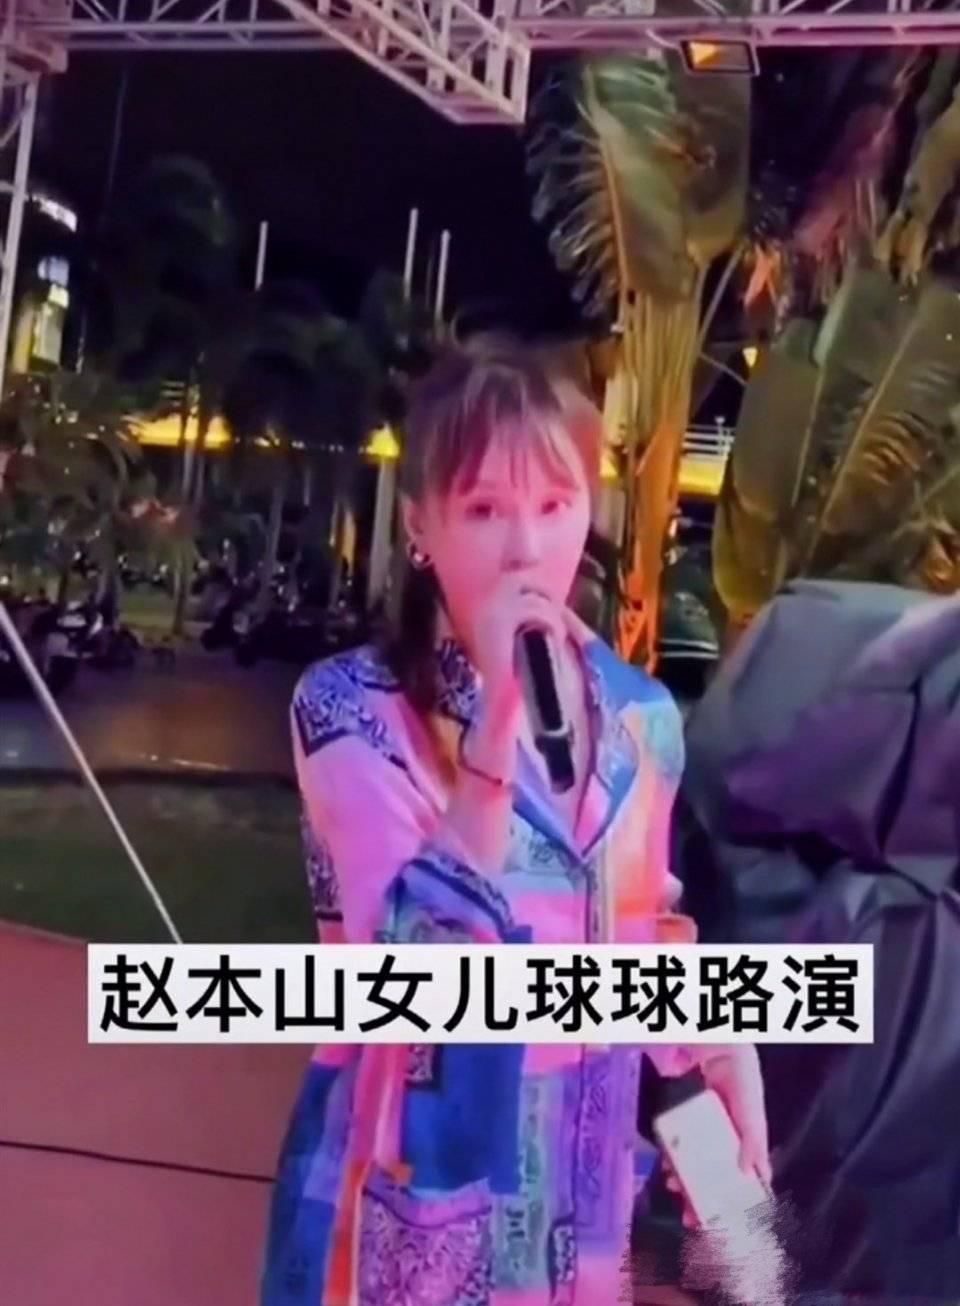 赵本山女儿街头路演献唱!穿花衬衫搭配拖鞋,唱功太棒获路人欢呼